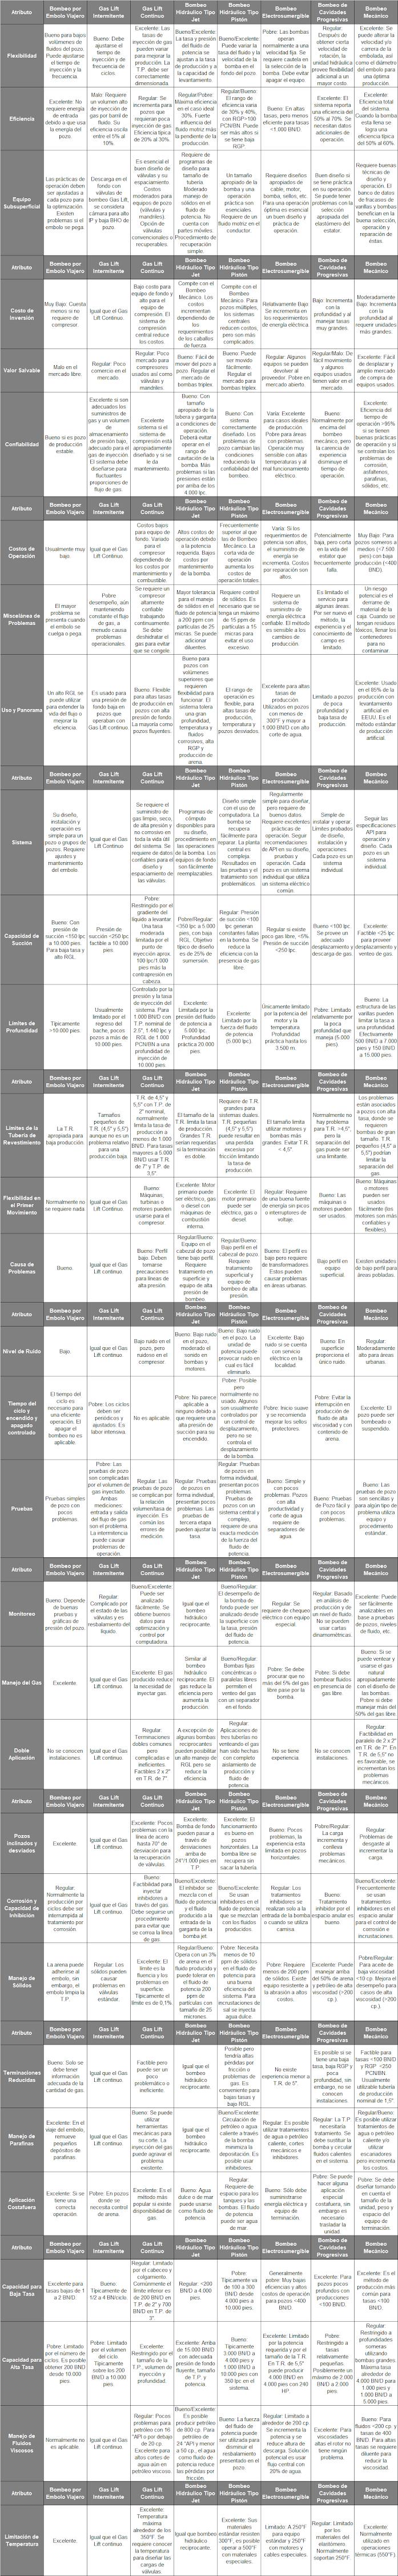 Comparación Técnico-Económica de los Métodos de Levantamiento Artificial más comunes en el mercado